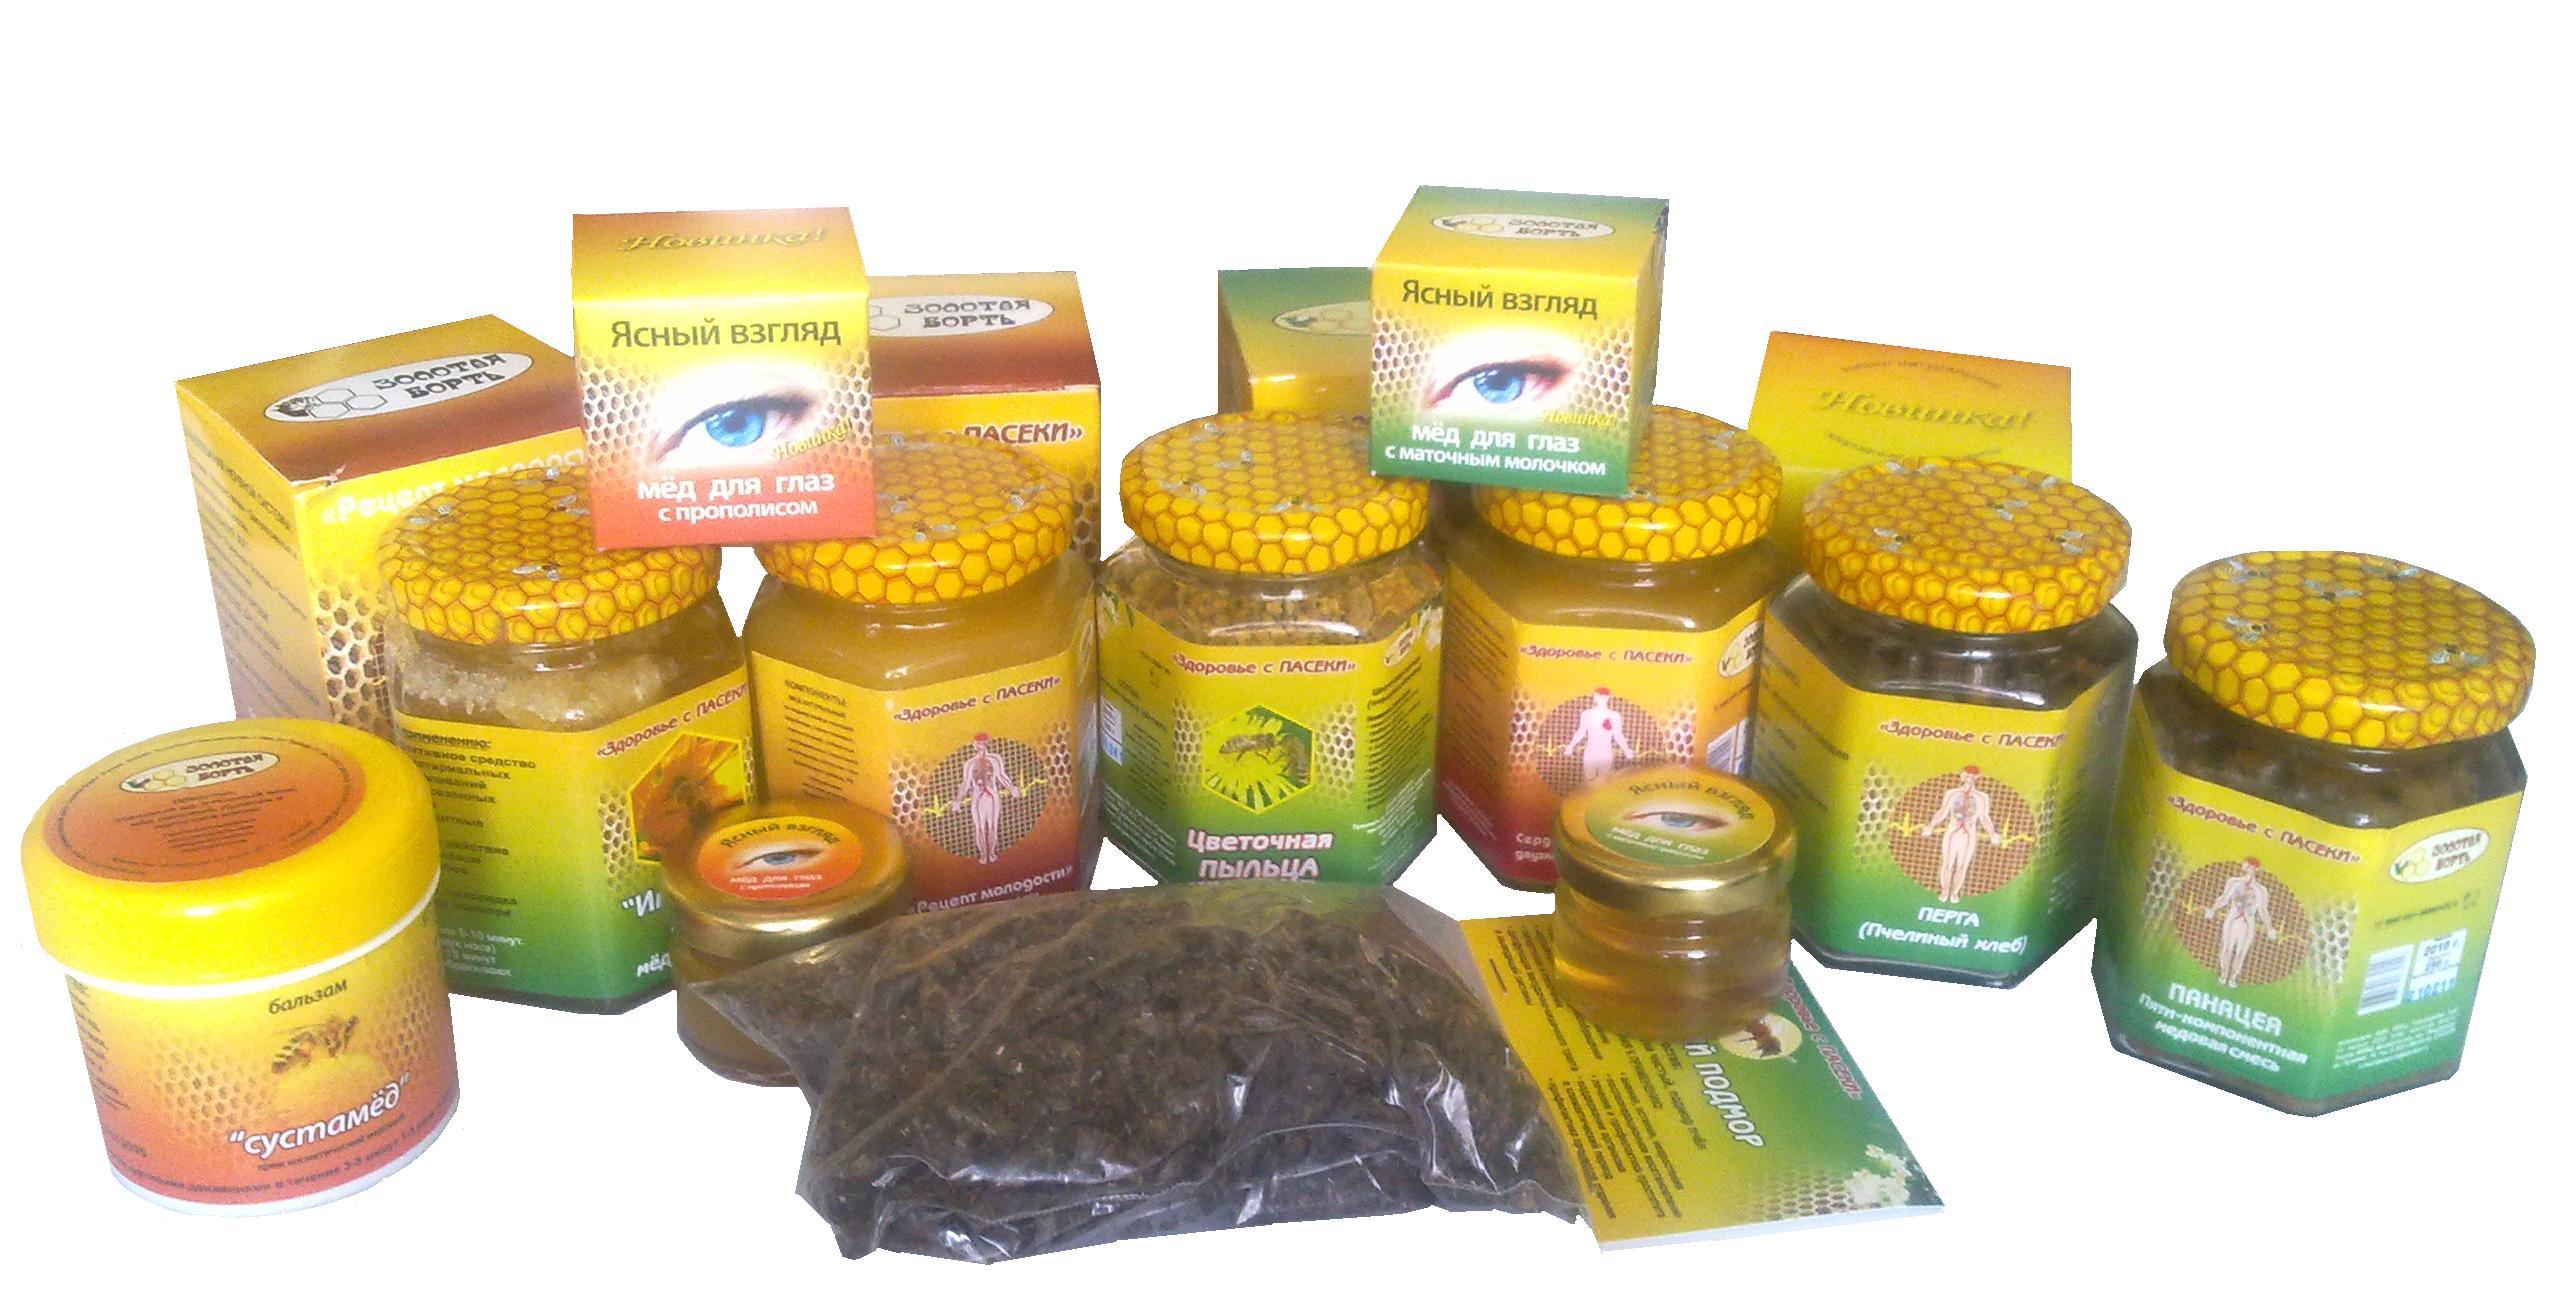 Пчелки для Вашего здоровья!)